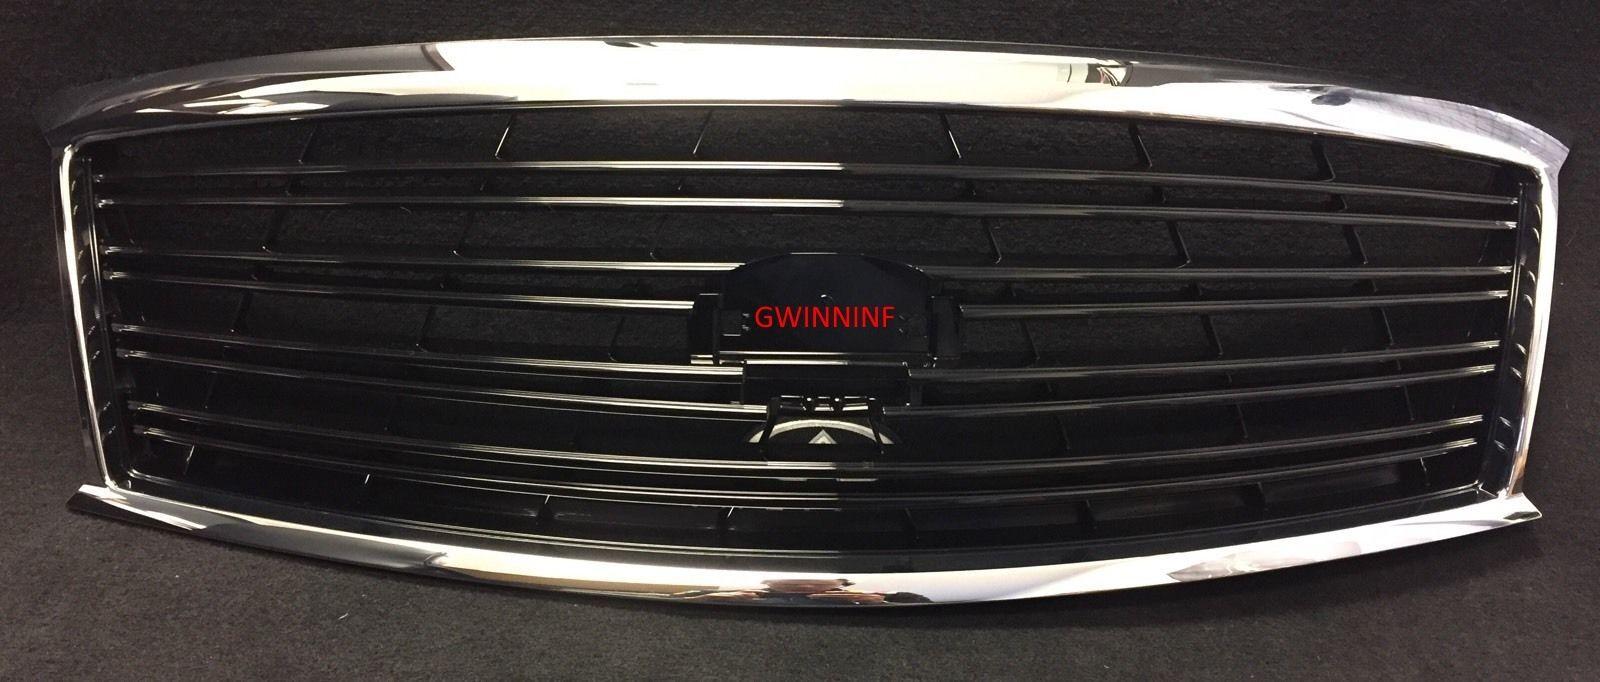 2011-13 M37/M56, 2014 Q70 OEM Infiniti Midnight Black Grille F2310-1MA00